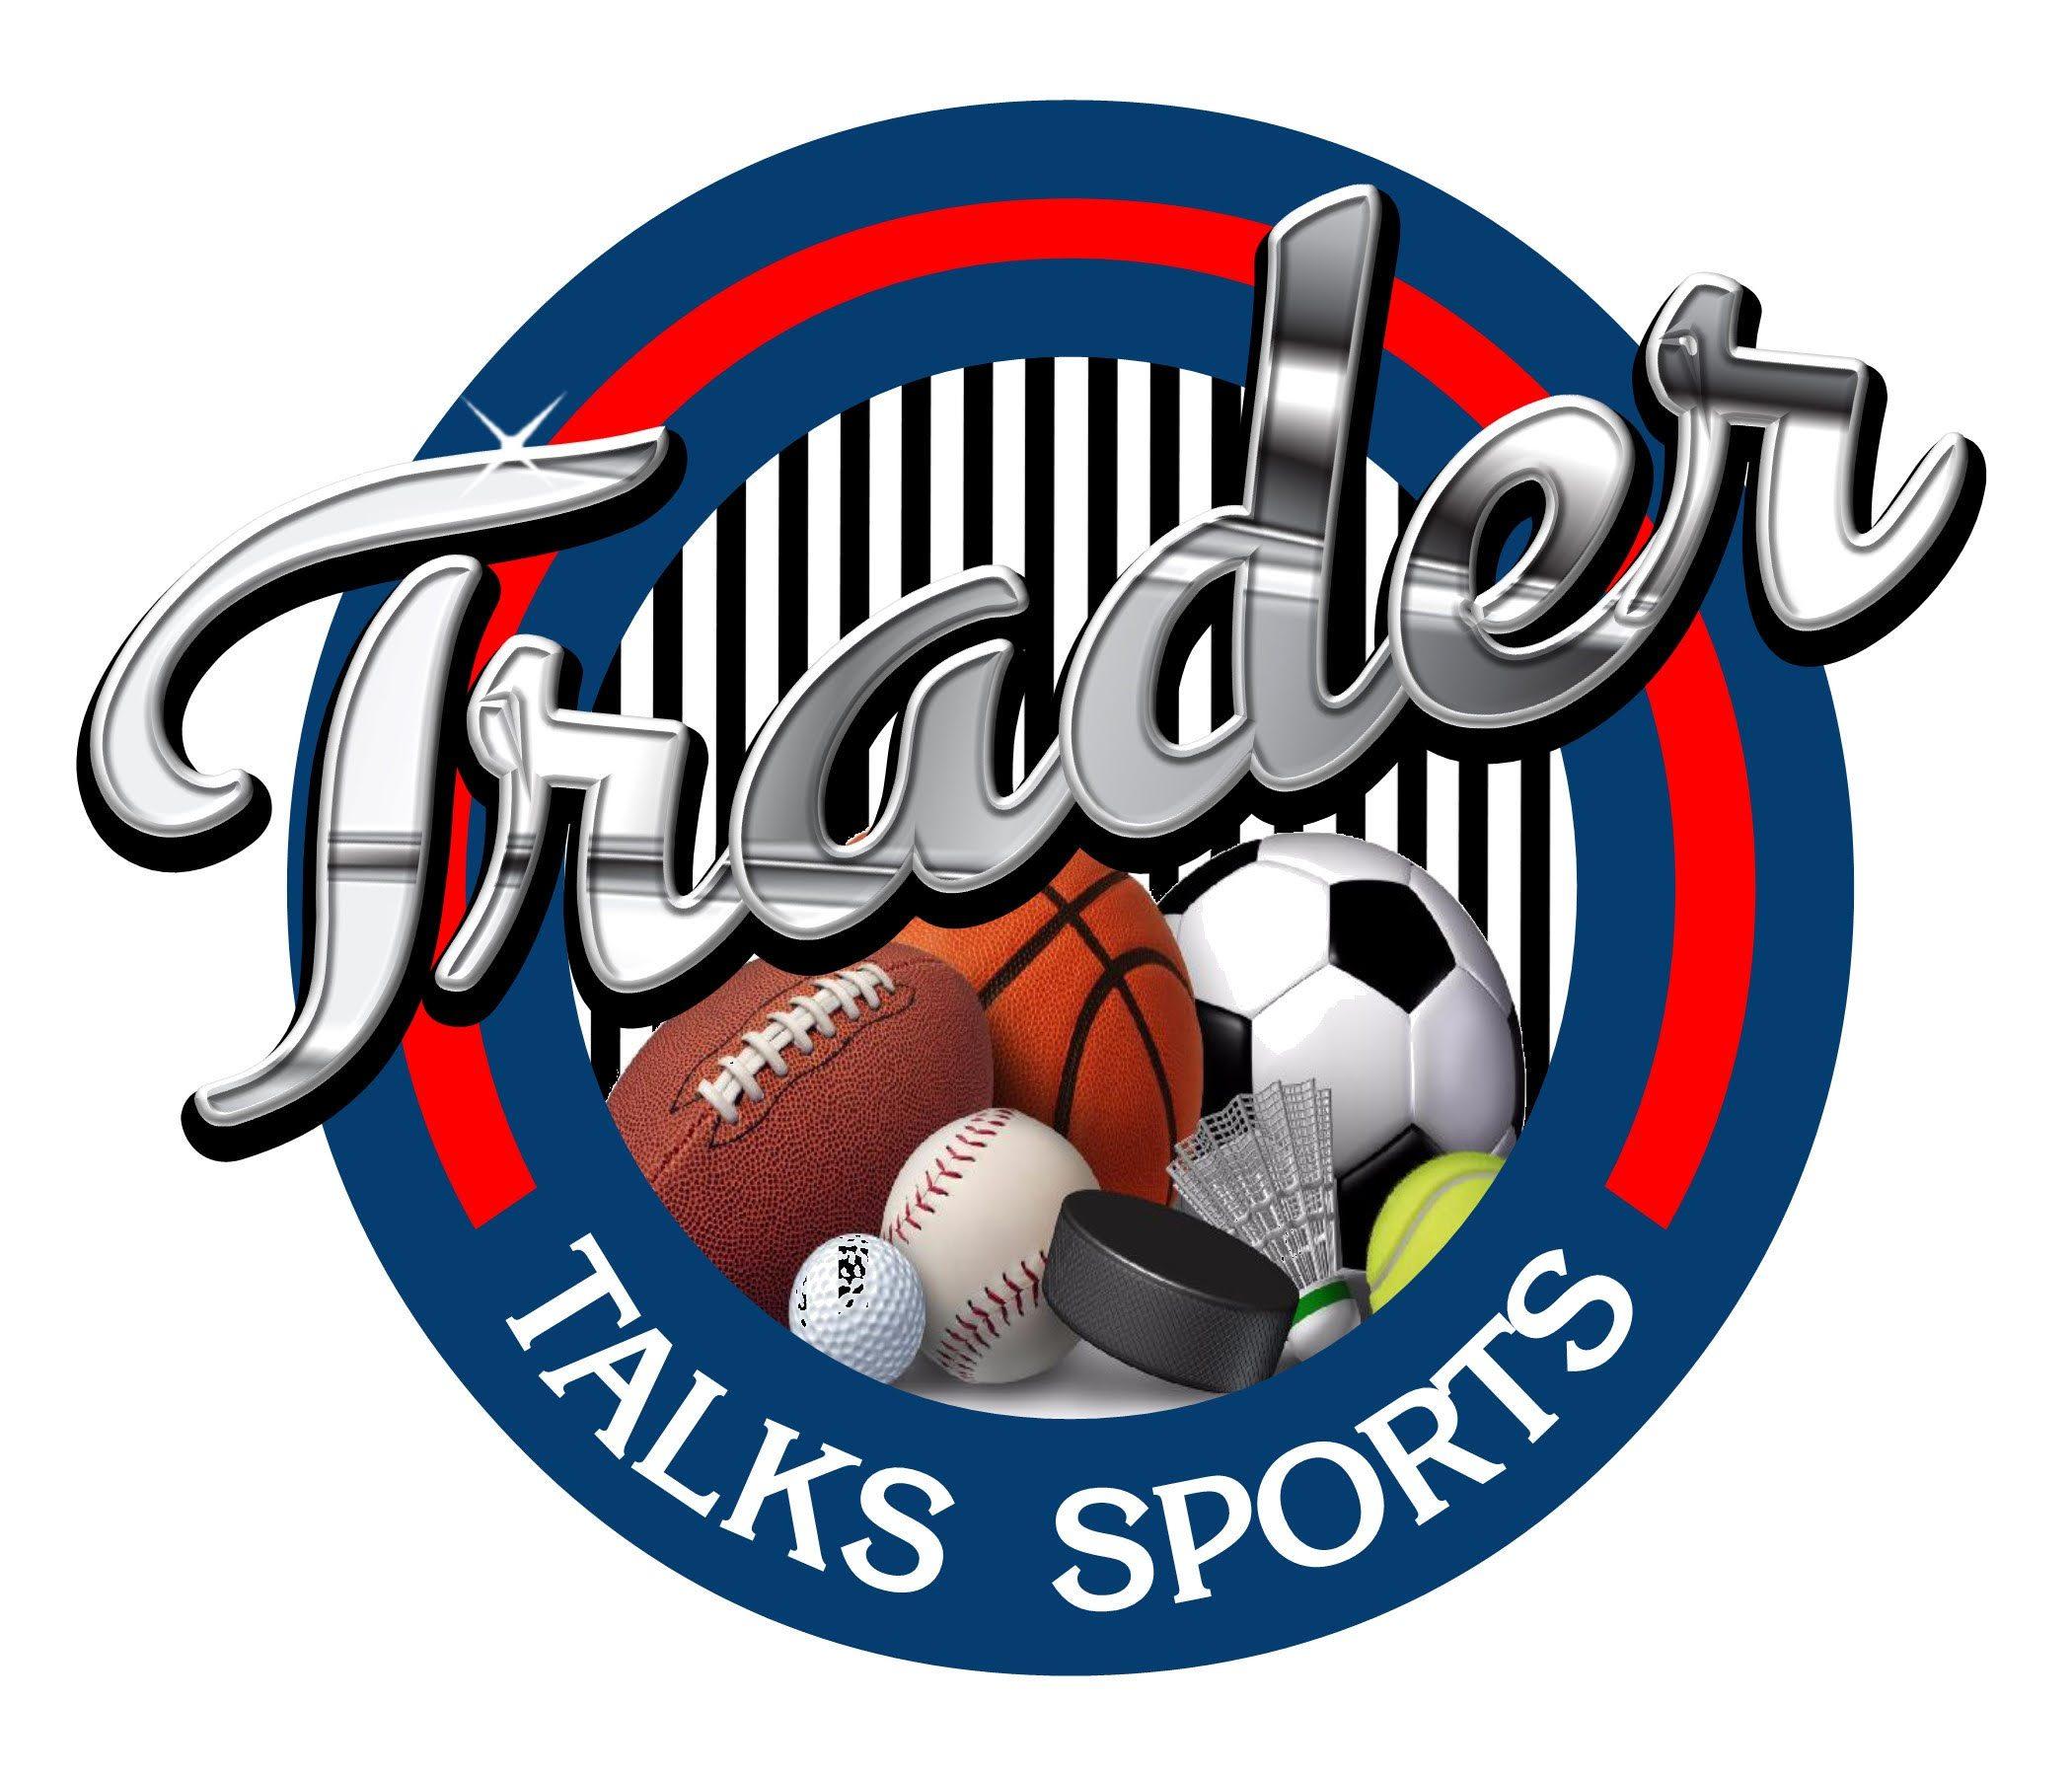 Trader Talks Sports